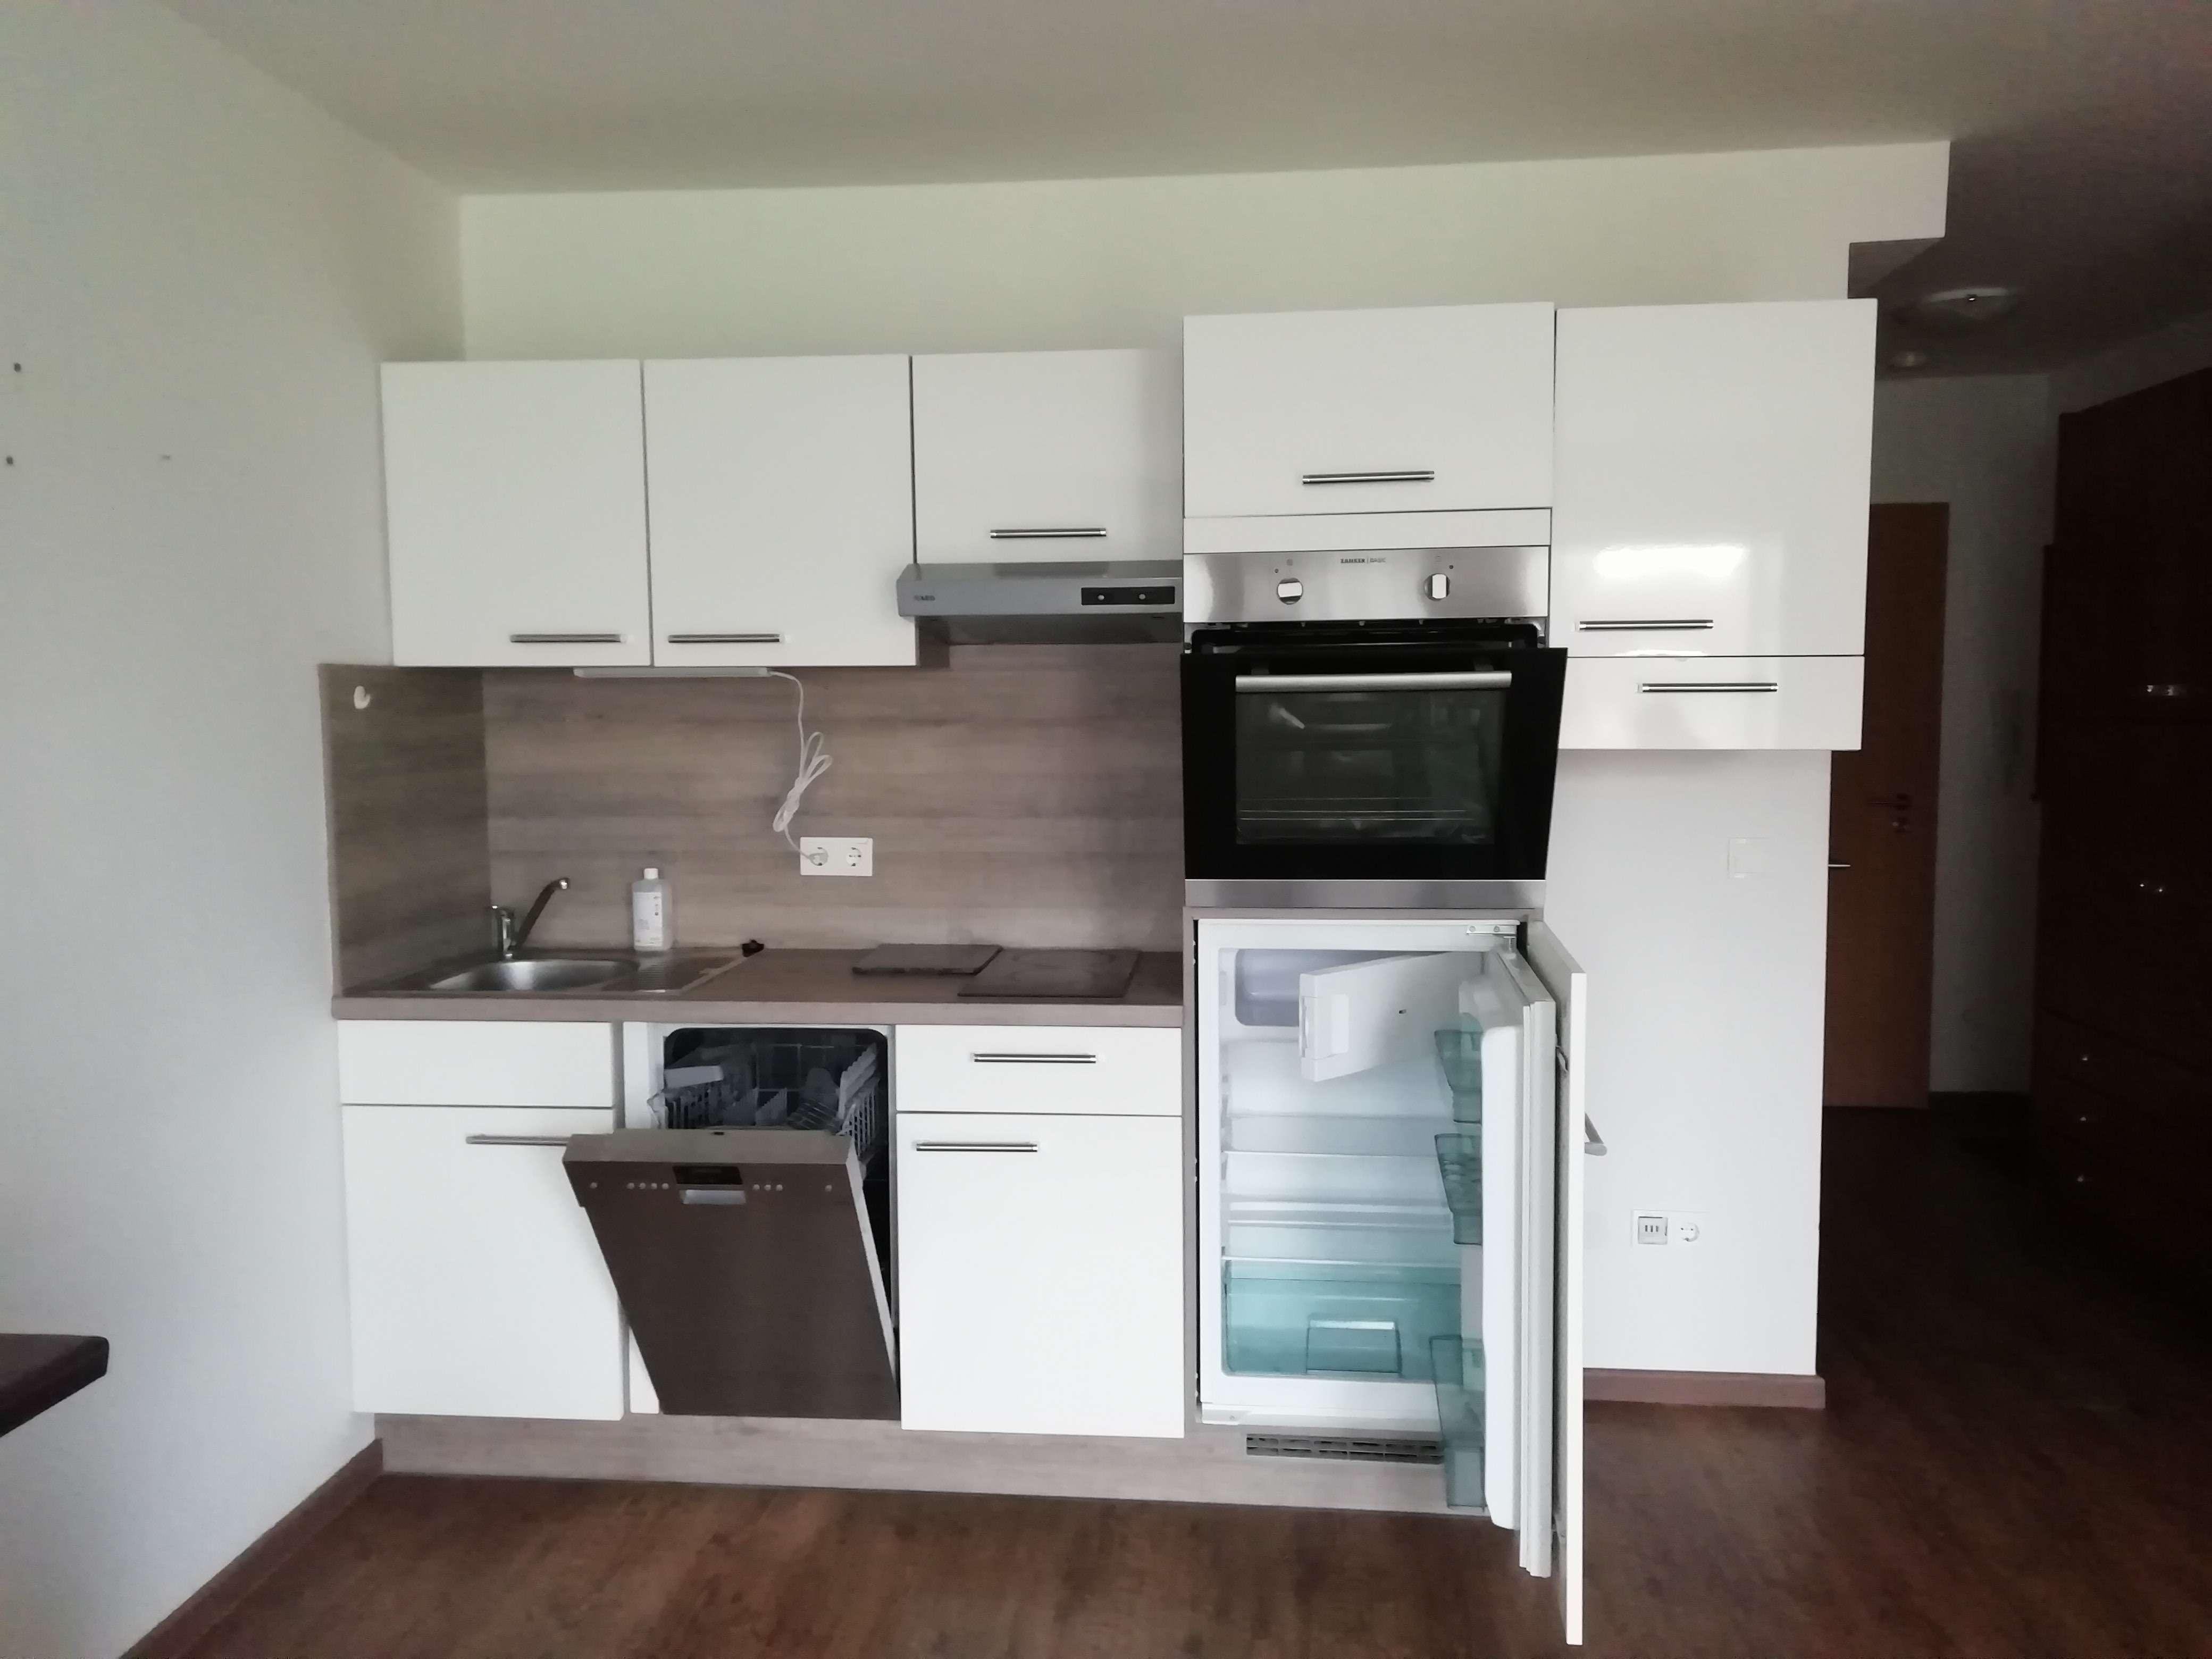 1-Zimmer-Wohnung mit Terasse & EBK in Kranzberg für Menschen ab 50 Jahre in